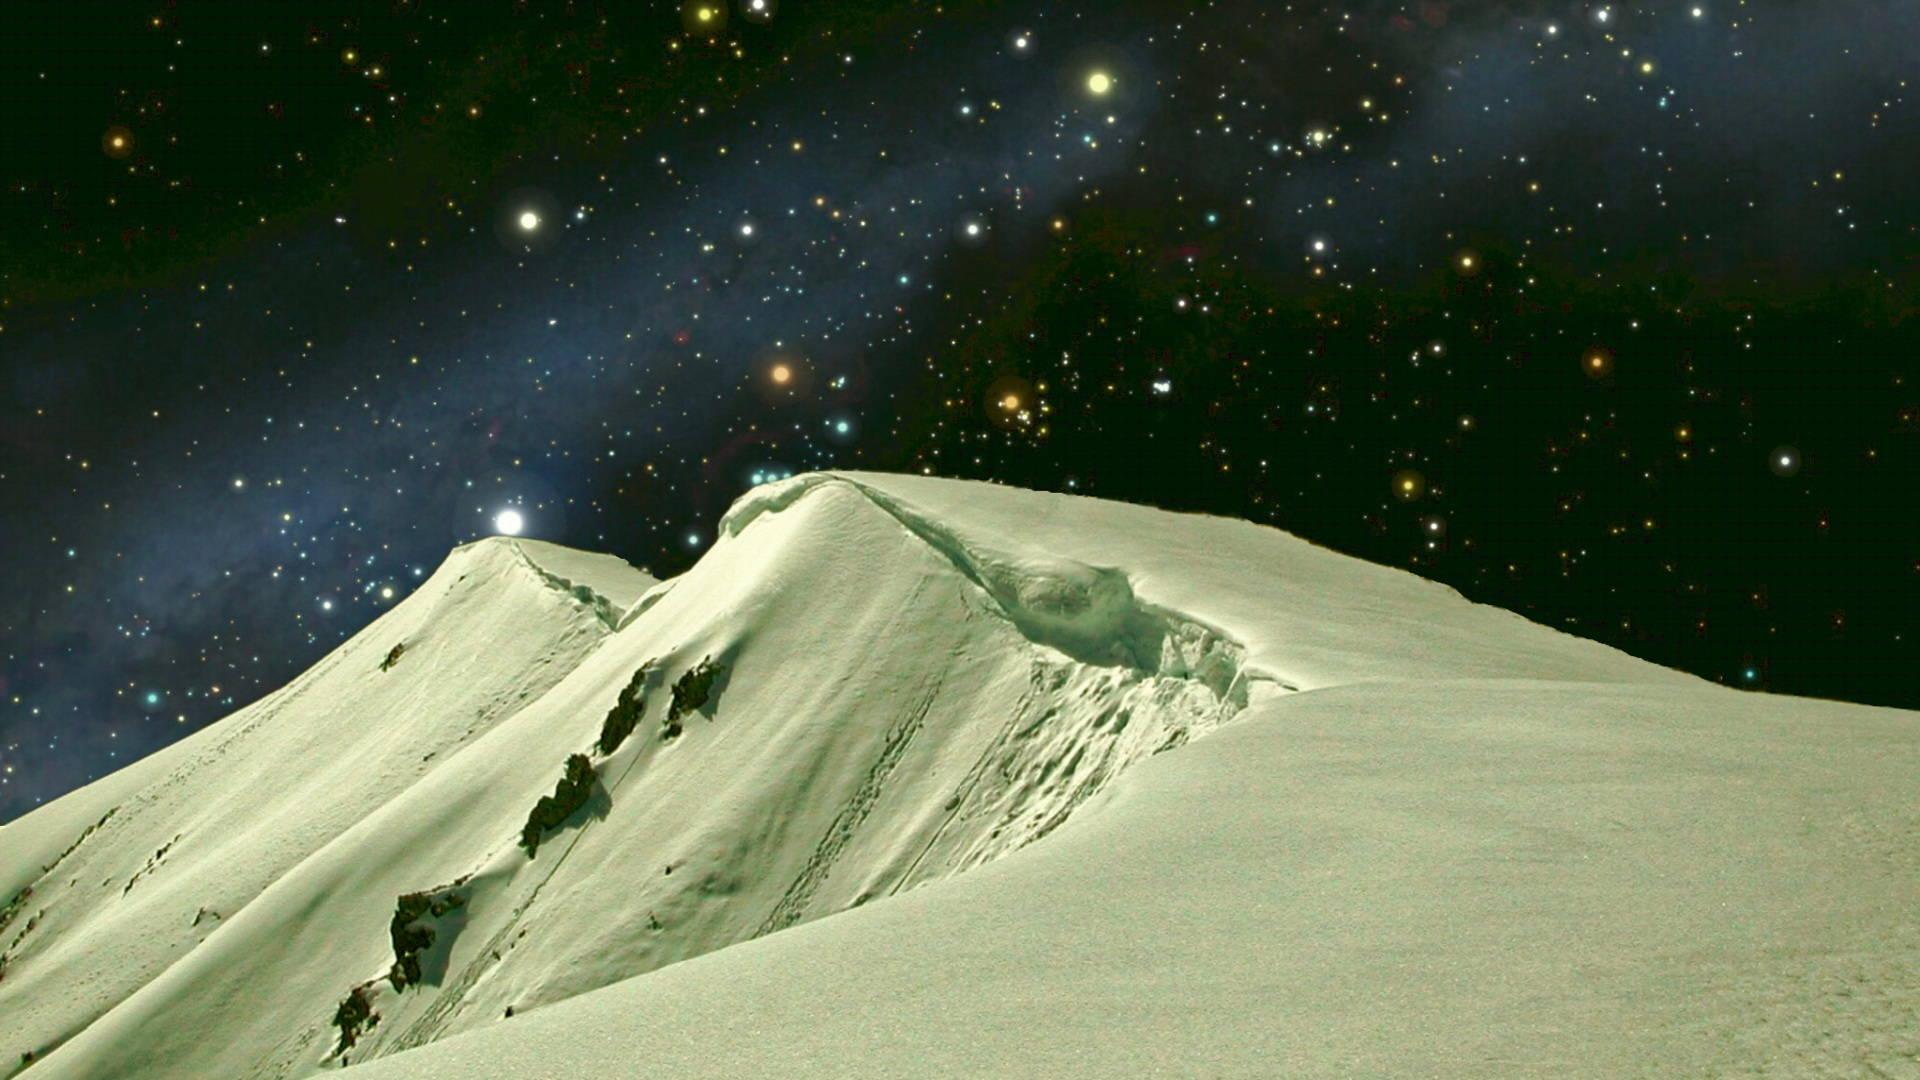 Arête neigeuse sous un ciel étoilé